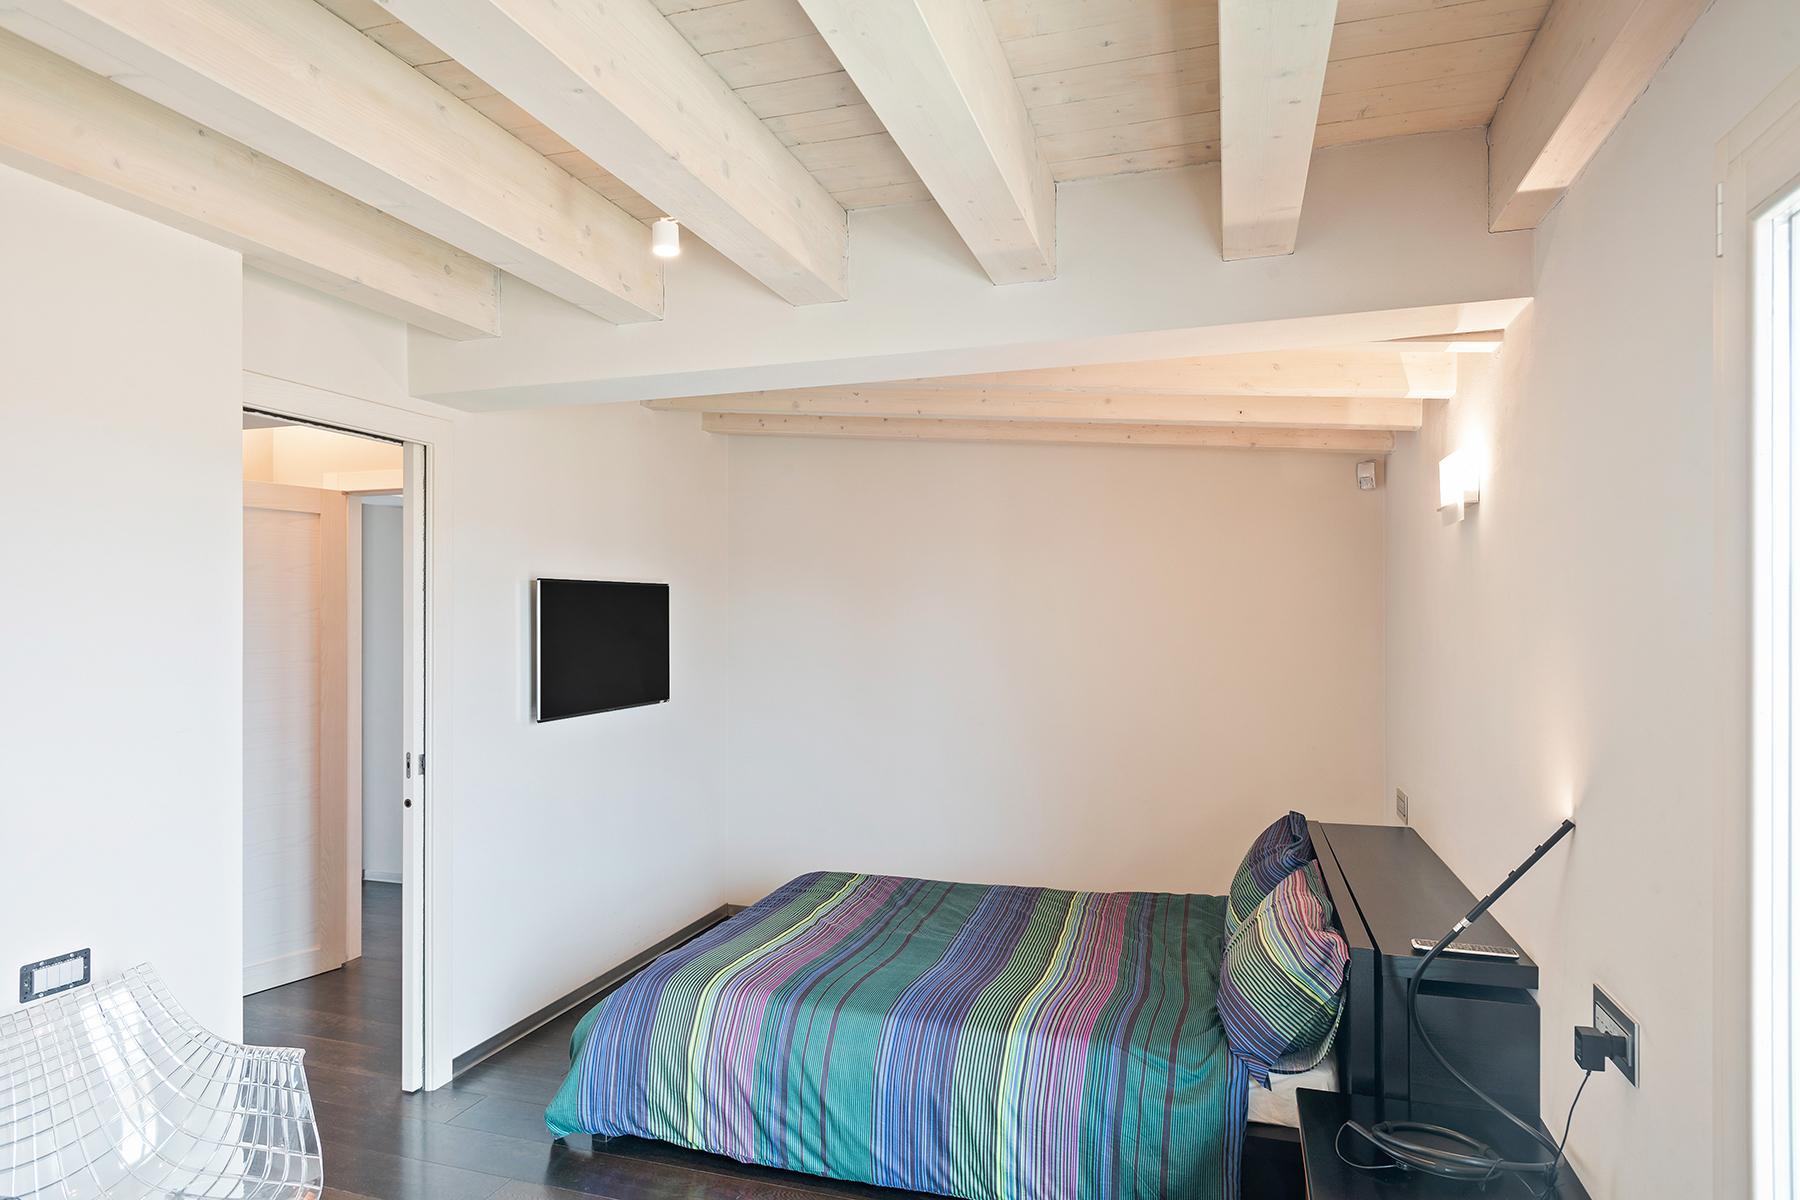 Splendido attico e super attico con vista panoramica - 10